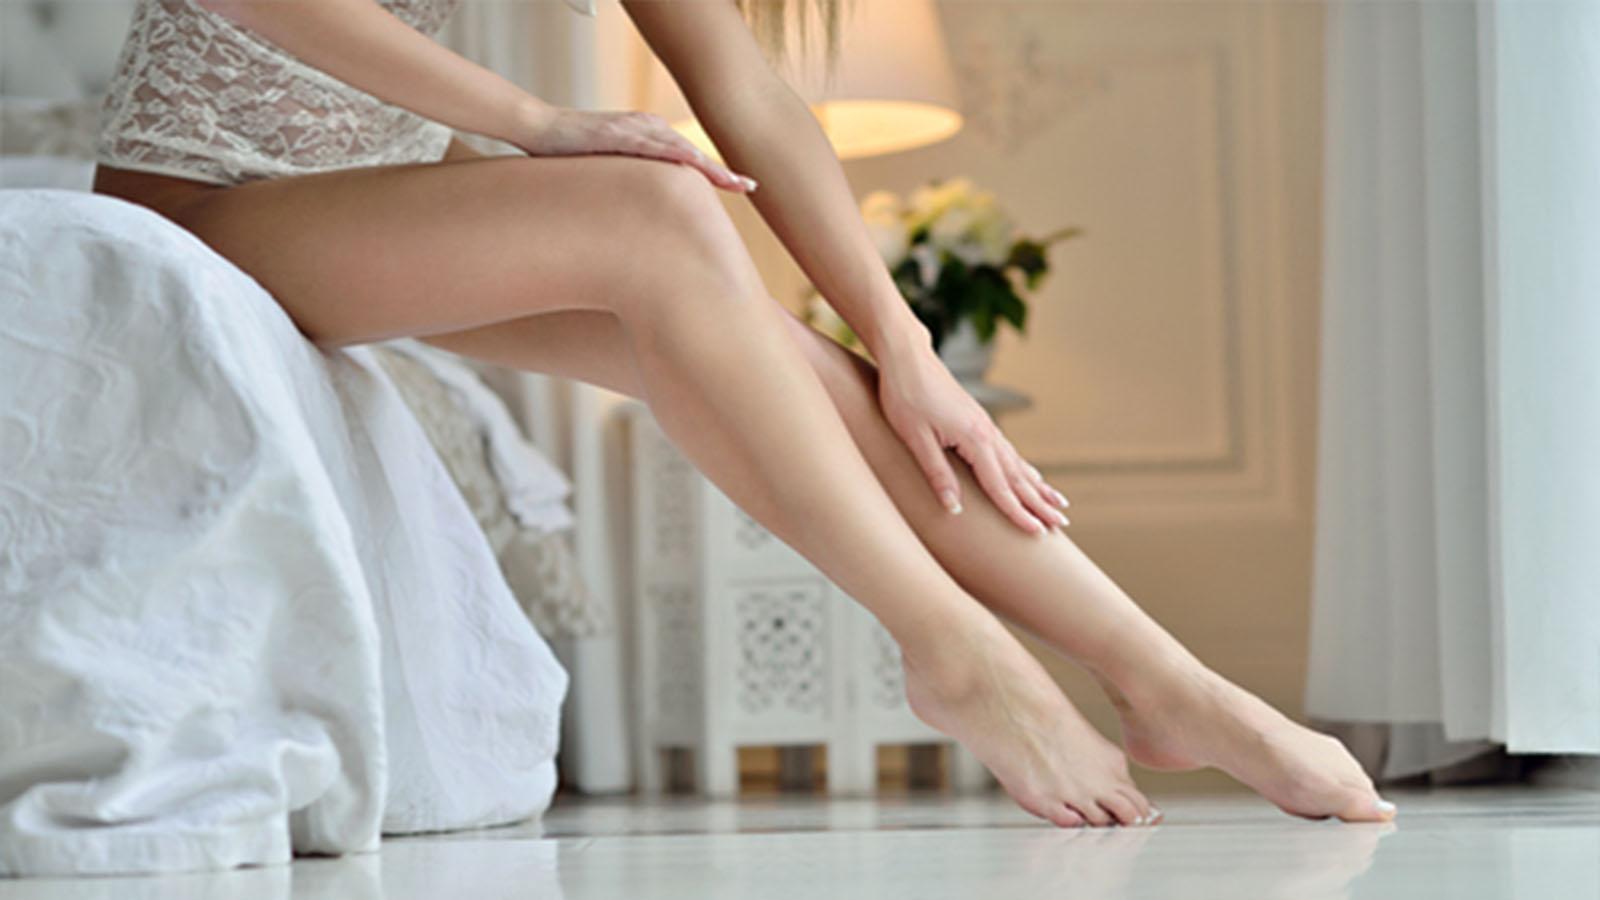 足痩せは意外と簡単だった!中高生が今すぐ取り入れられる足痩せ方法!